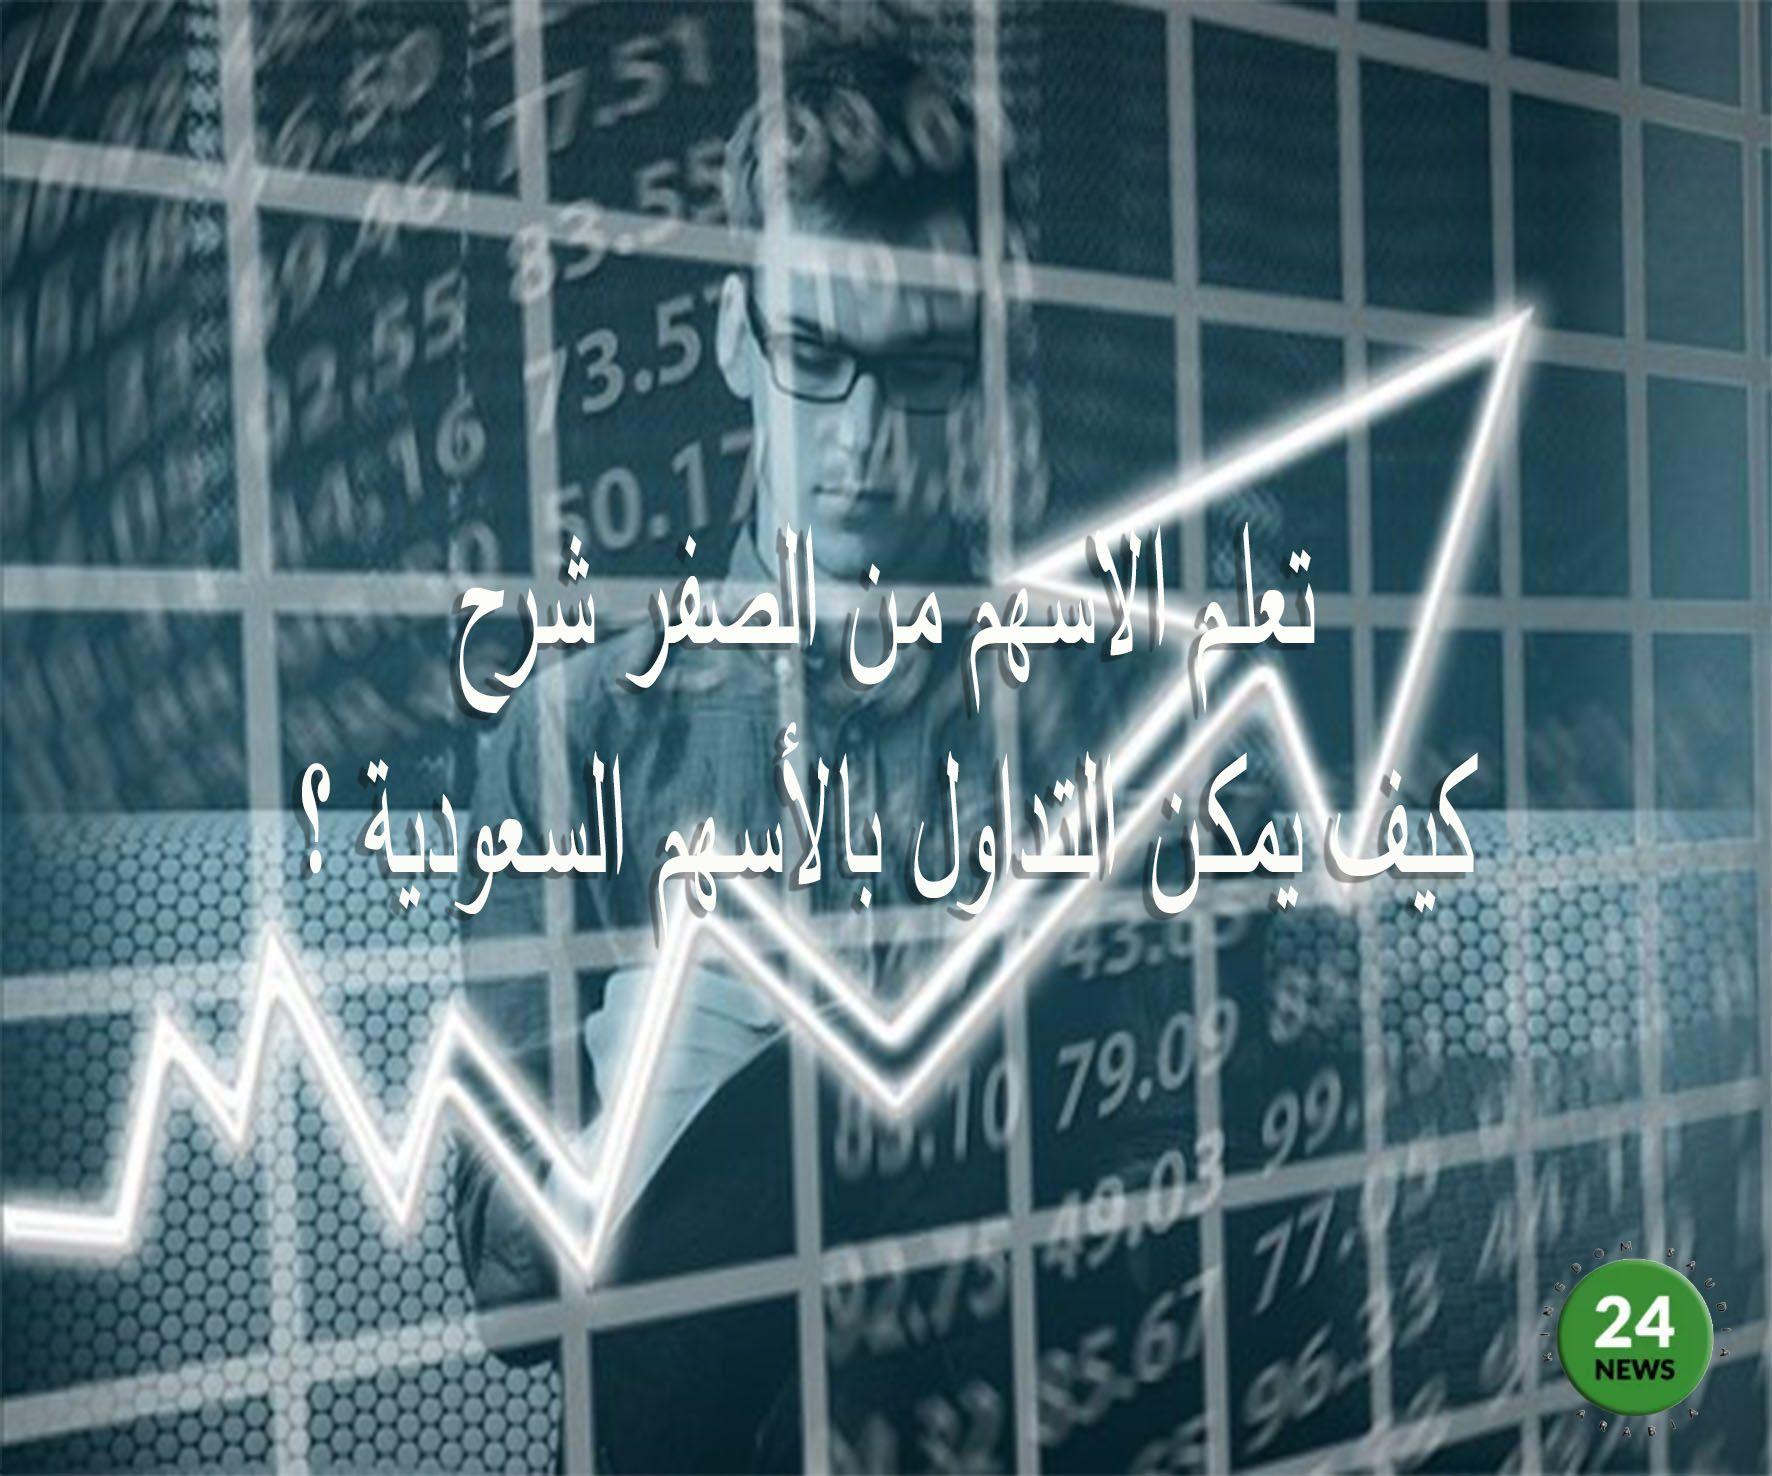 تعلم الاسهم من الصفر شرح كيف يمكن التداول بالأسهم السعودية Neon Signs Blog Posts Trading